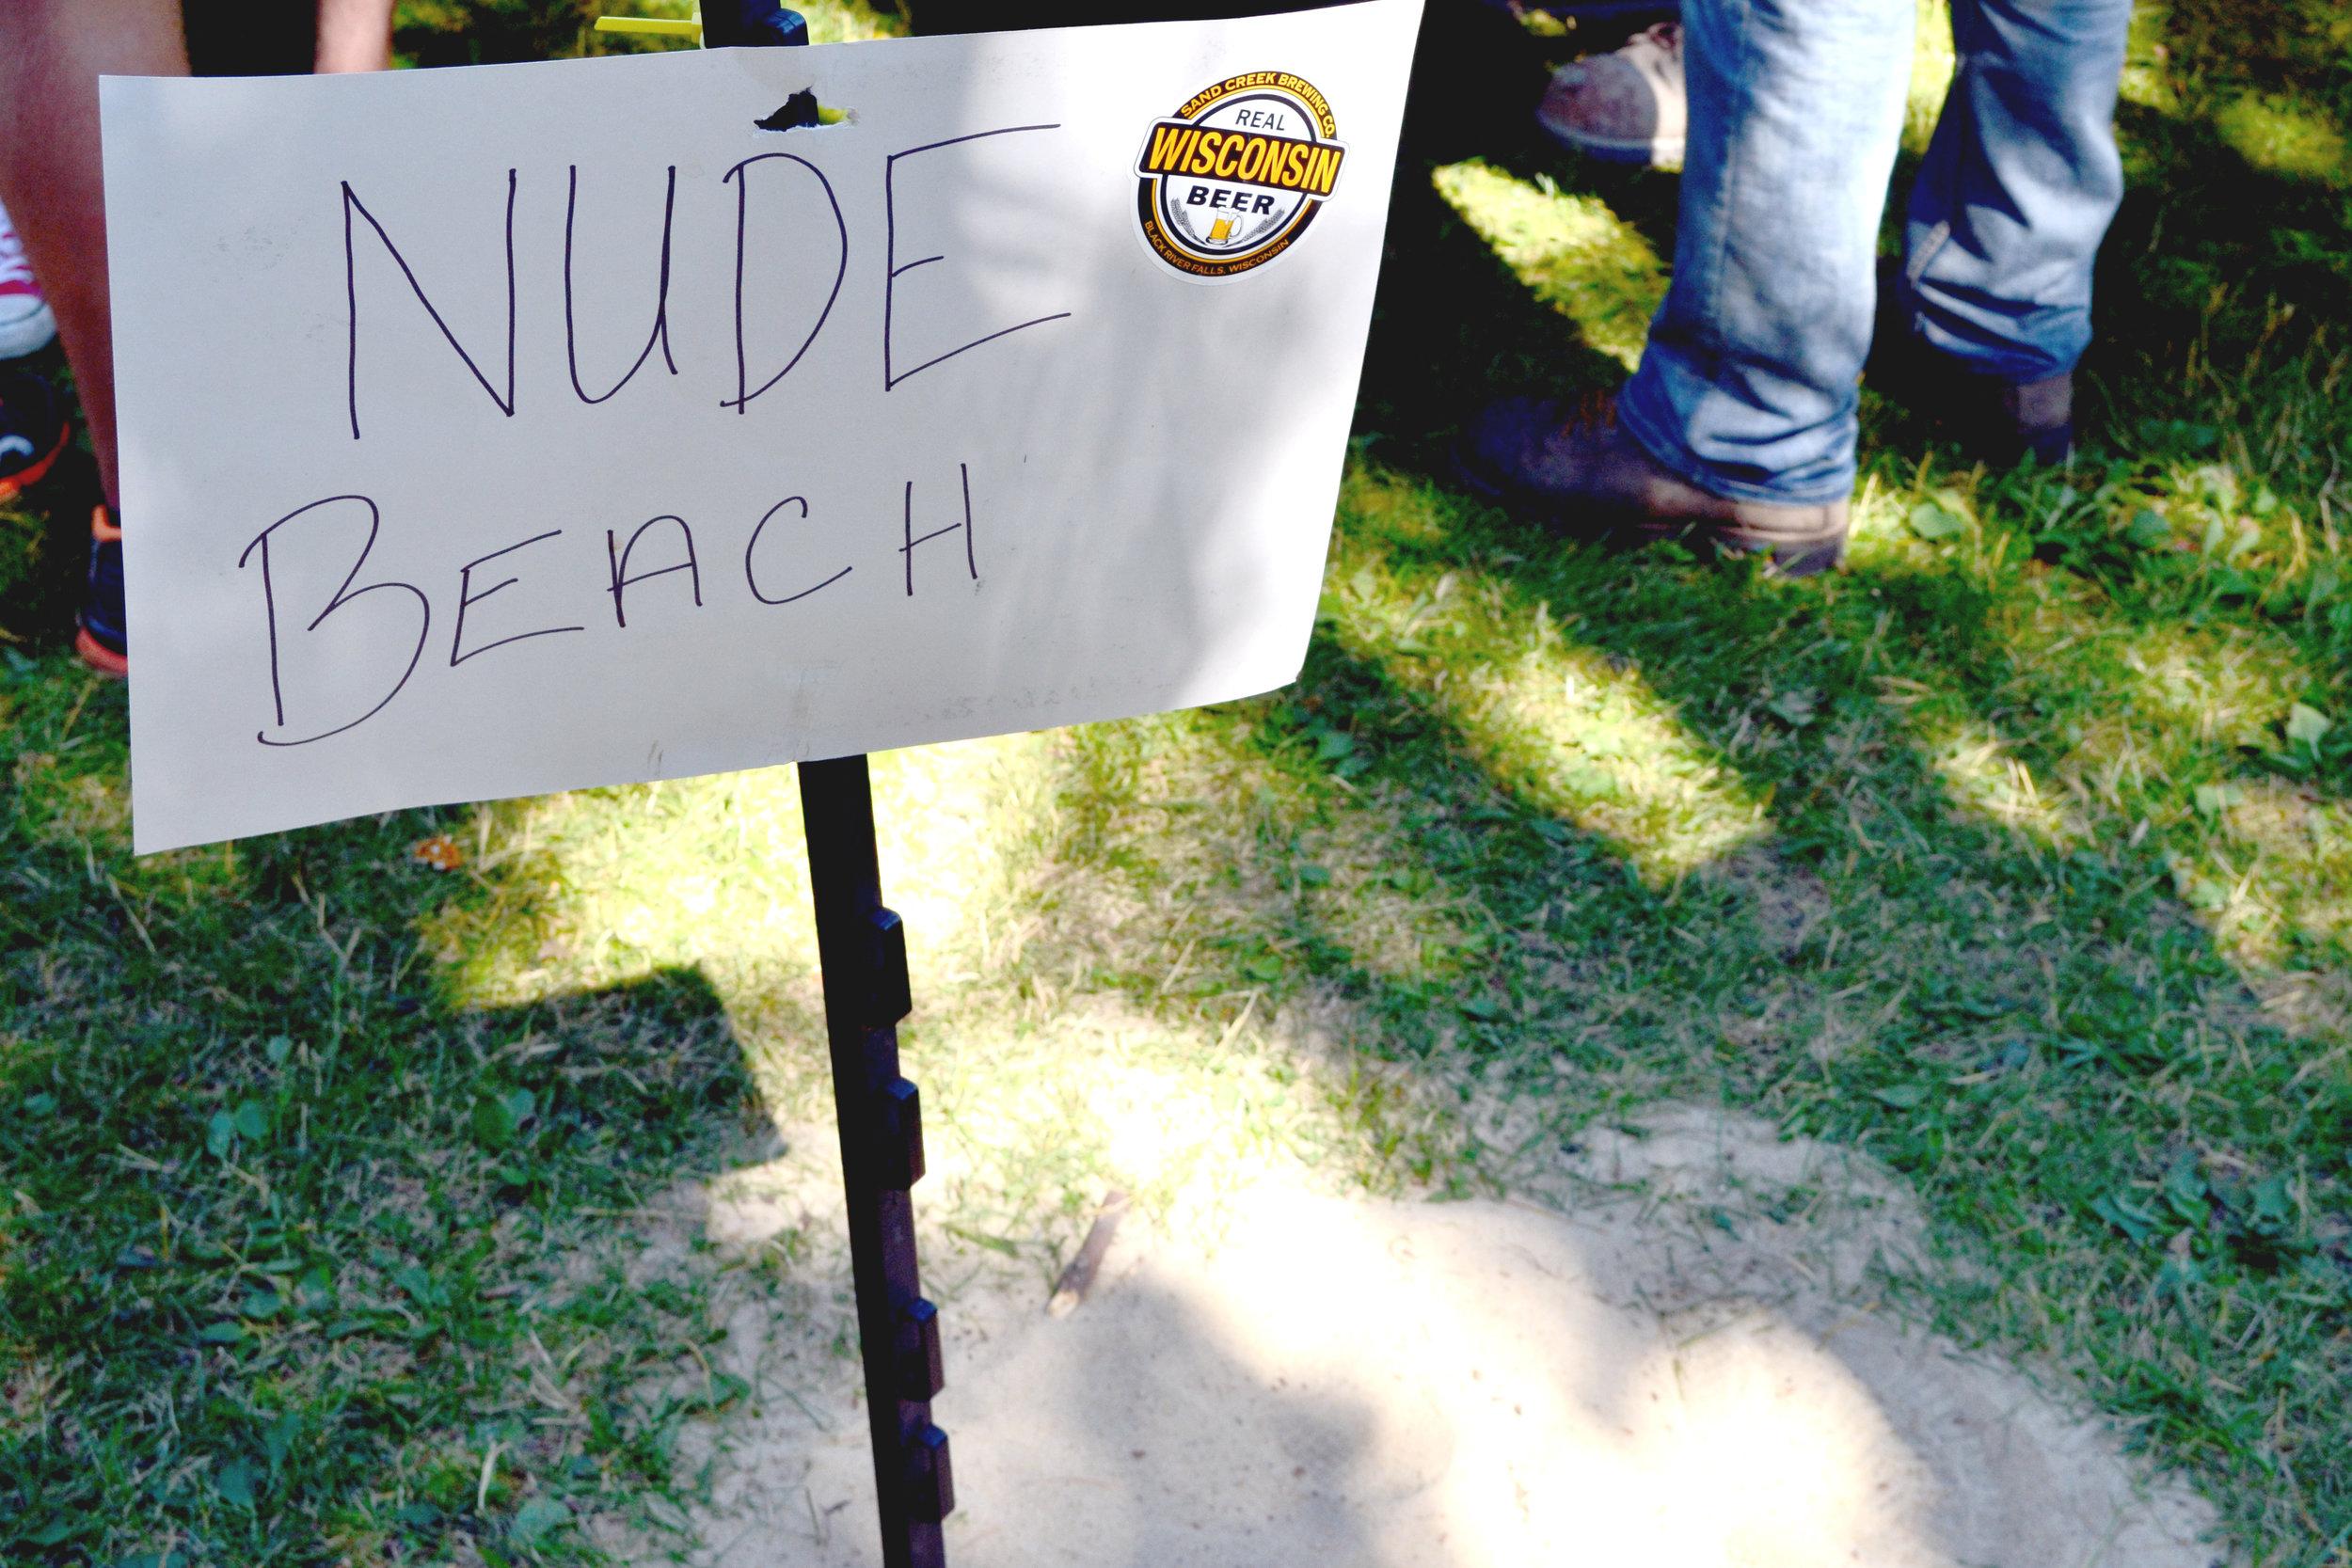 nude beach brewfest 2016.JPG